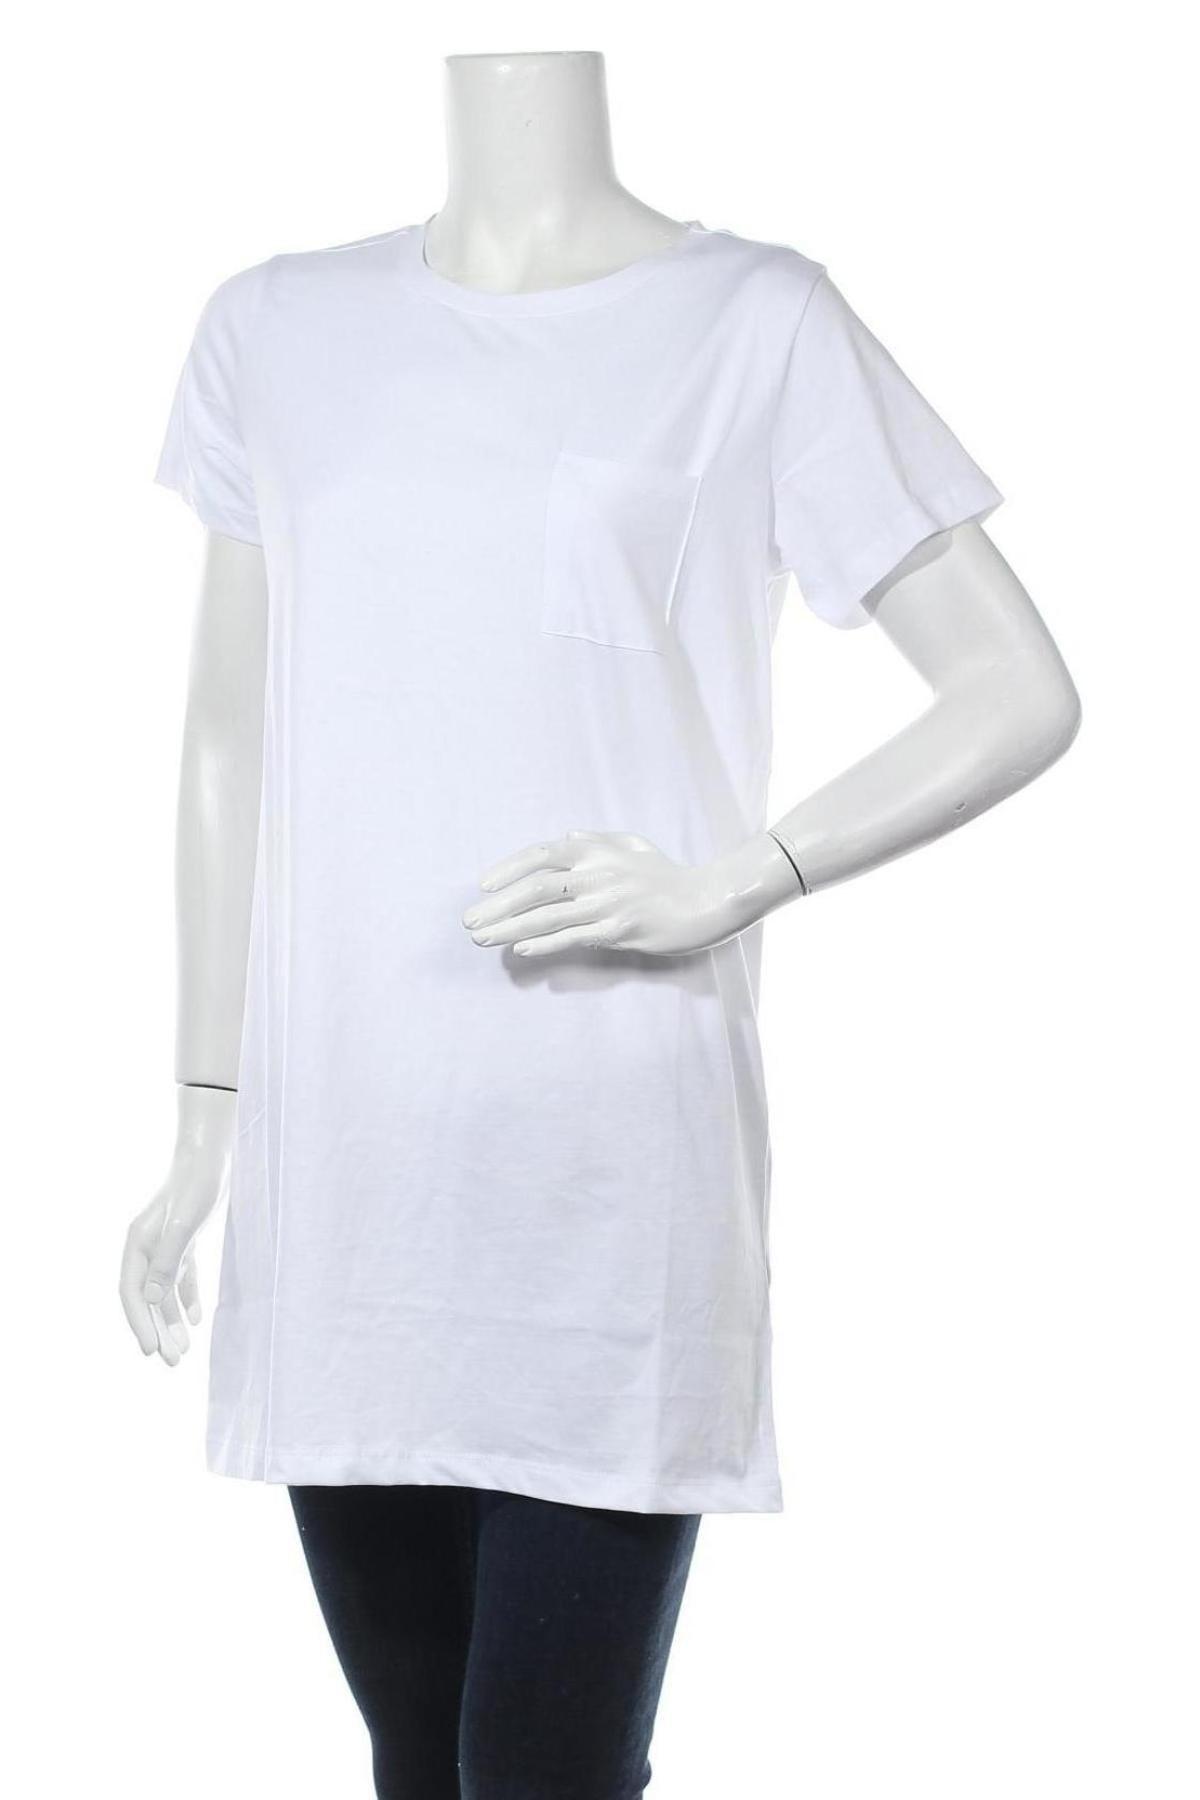 Τουνίκ Anna Field, Μέγεθος M, Χρώμα Λευκό, Βαμβάκι, Τιμή 13,92€